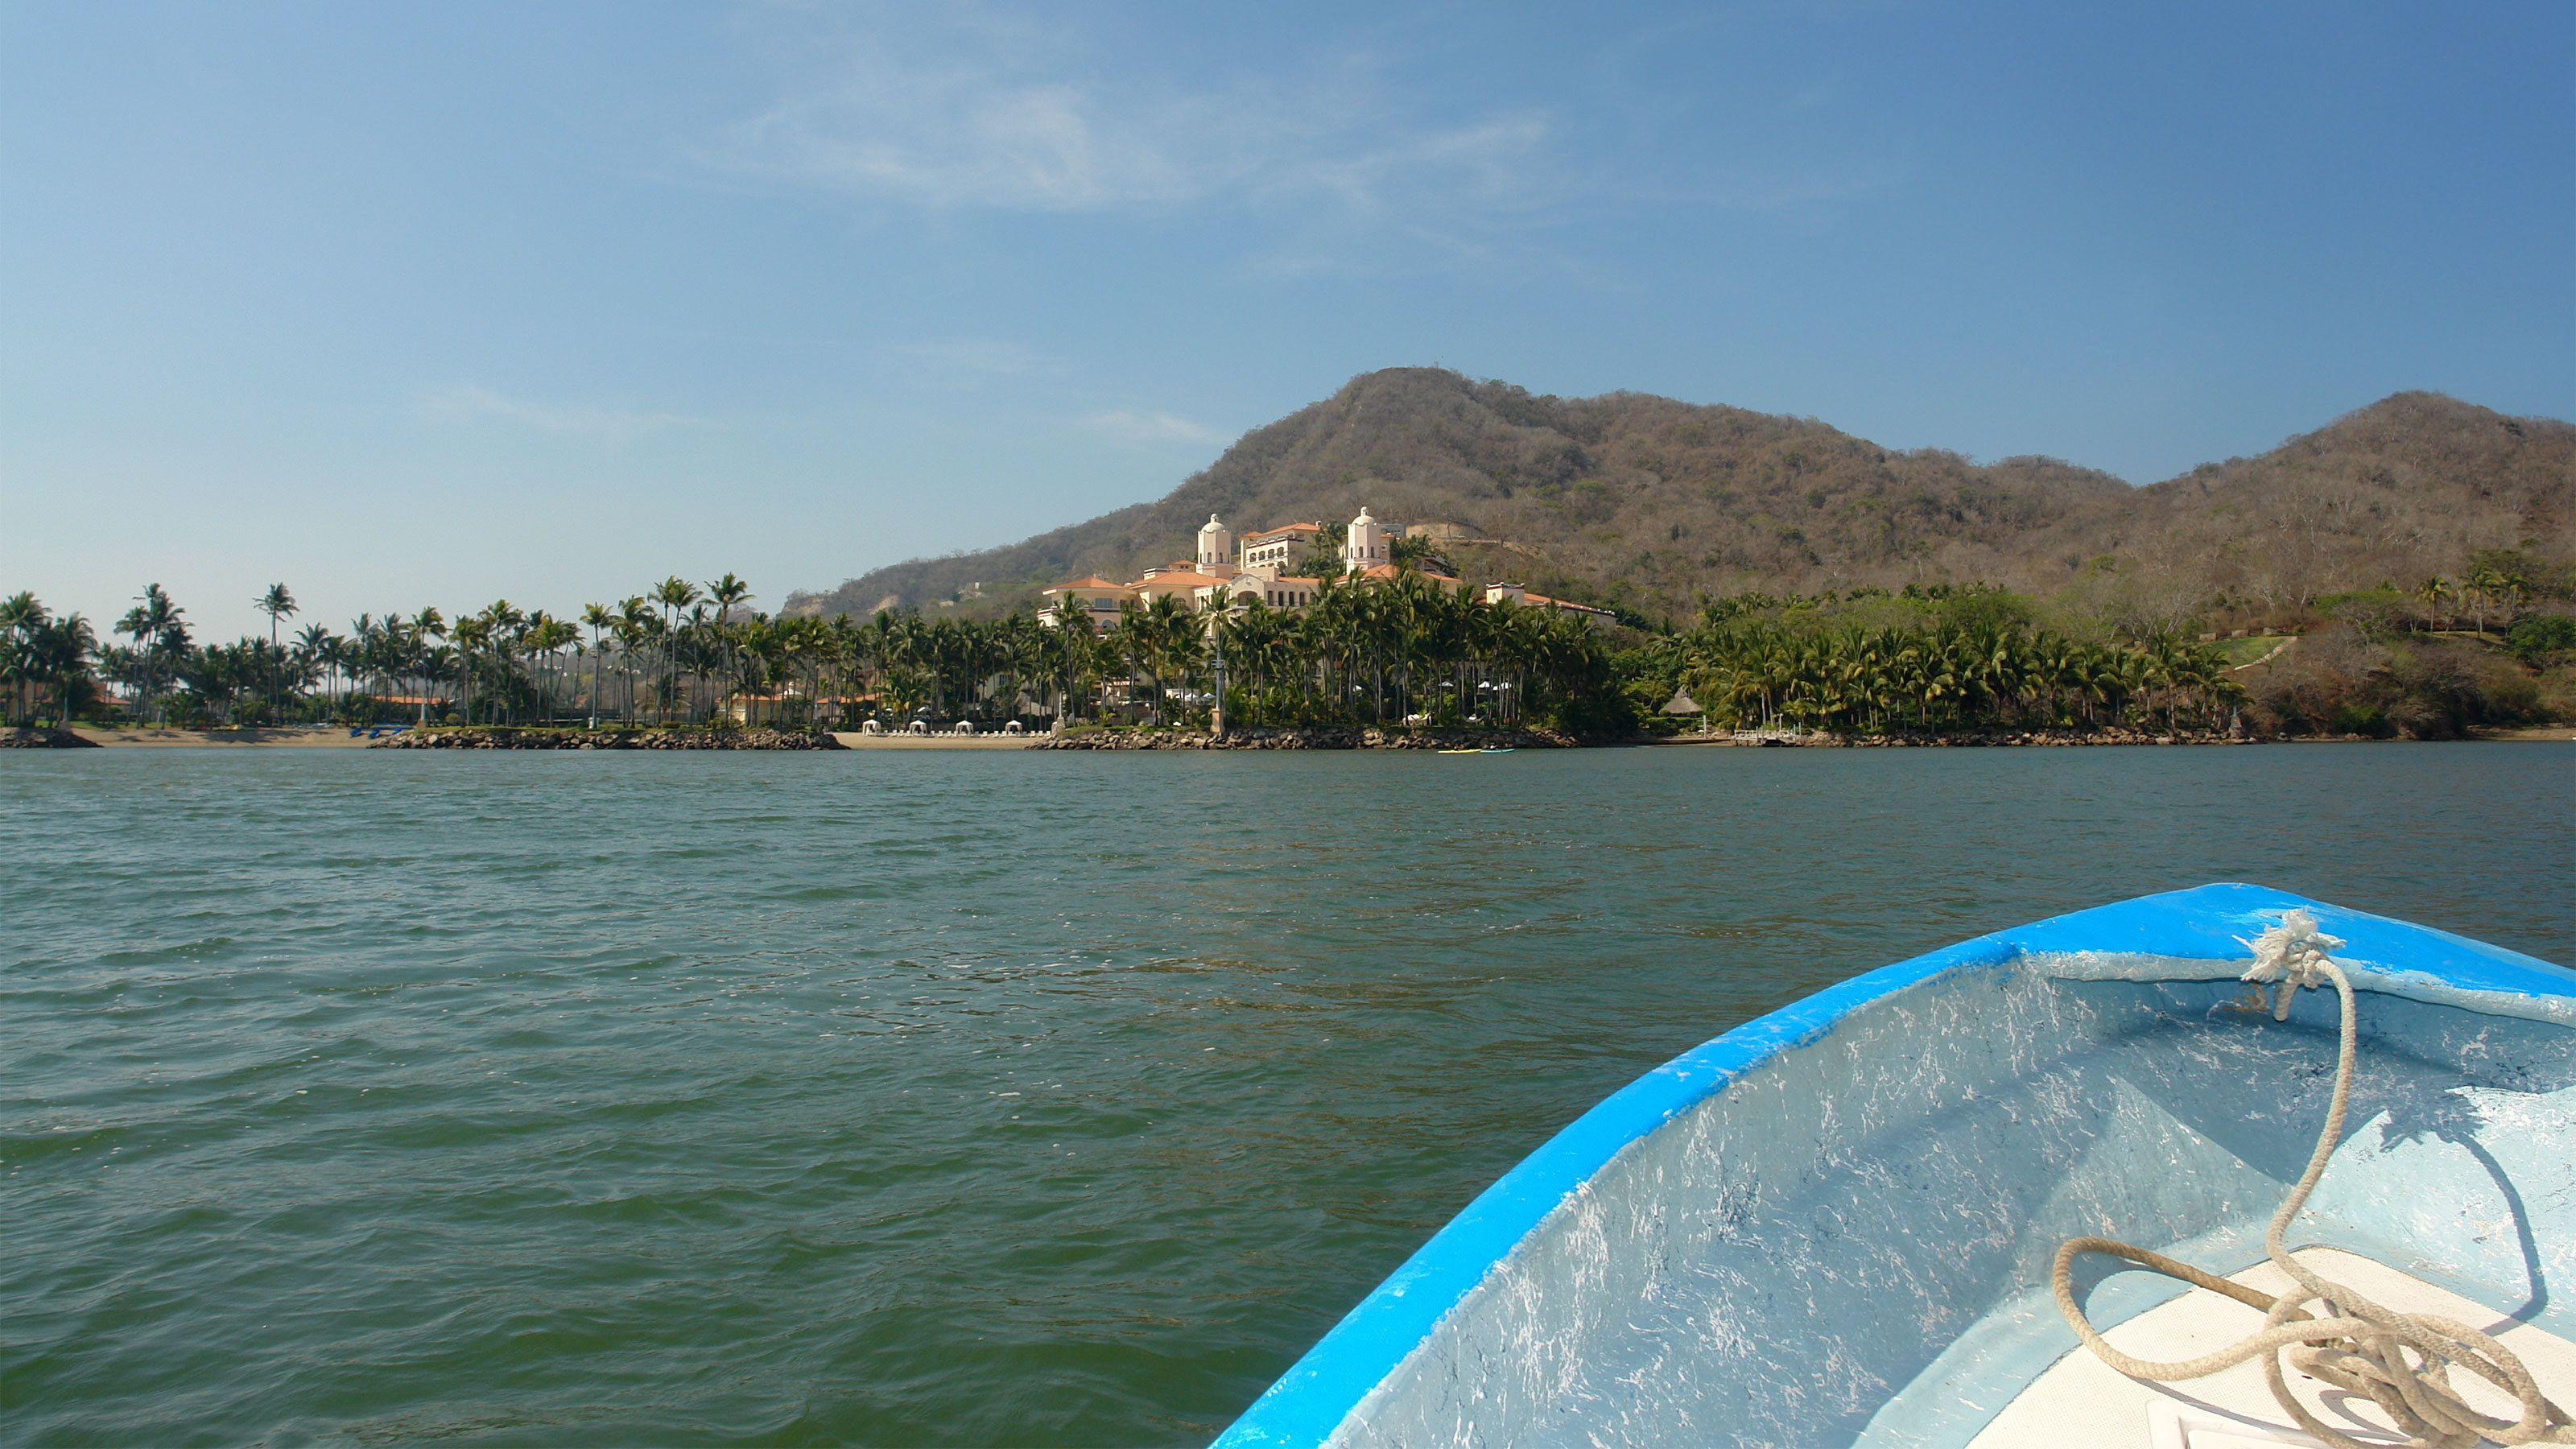 View of Barra de Navidad from the water